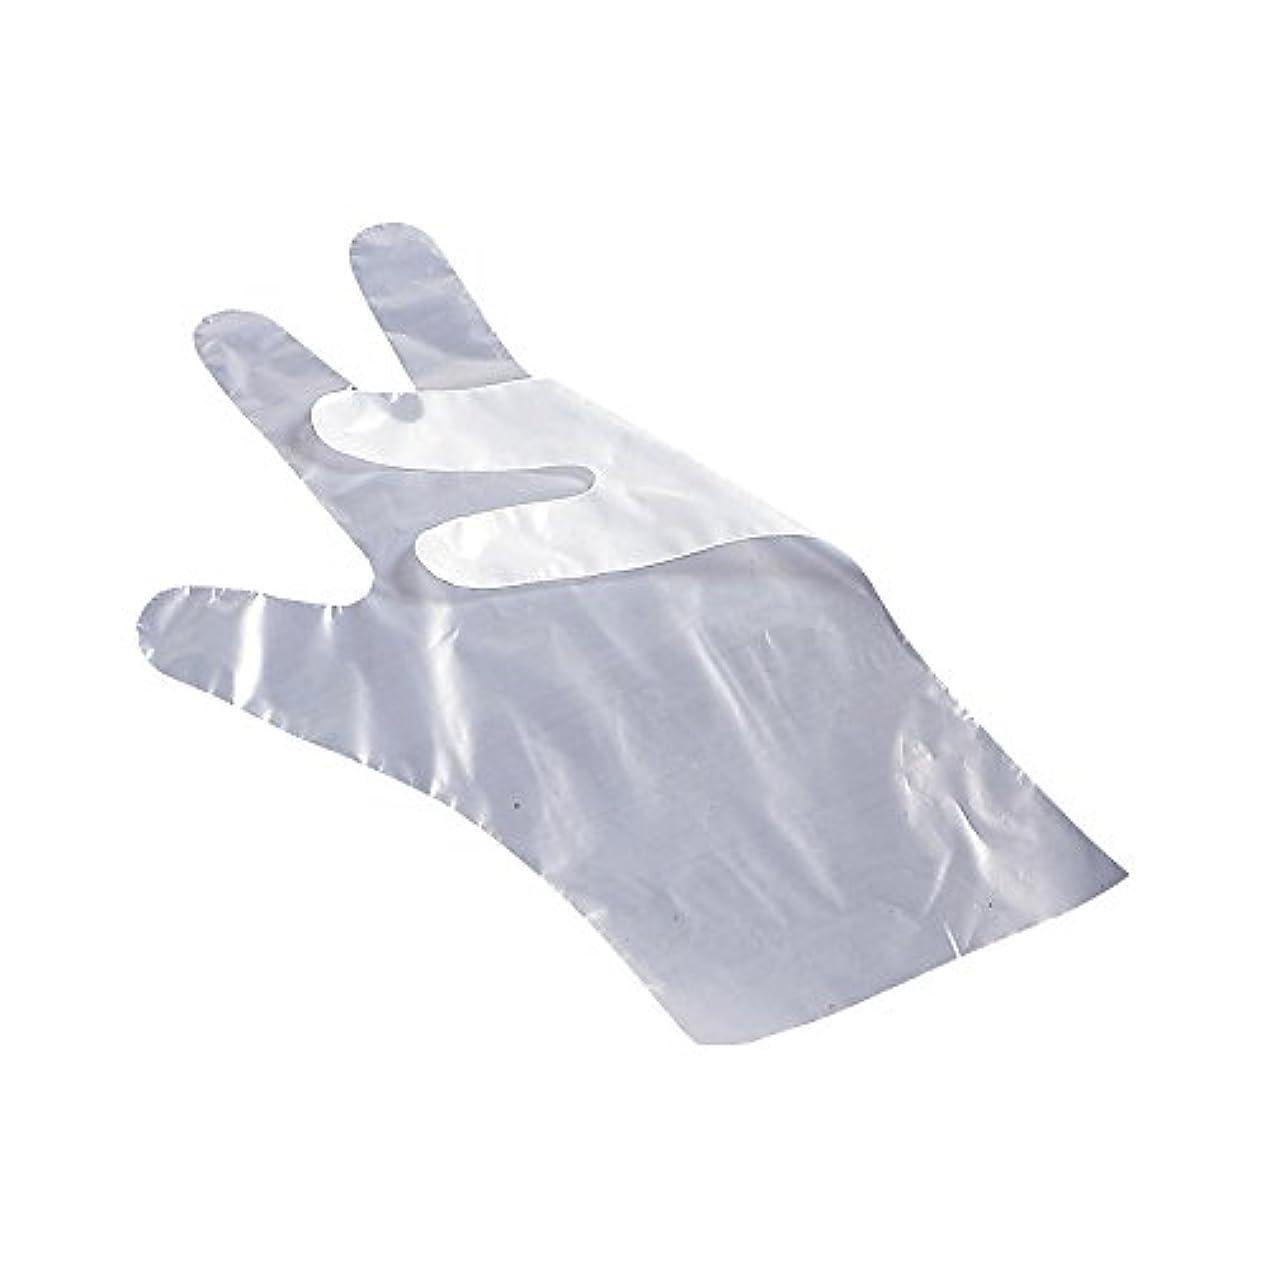 サクラメンポリエチレン手袋 エコノミー強力 A 200枚入 S